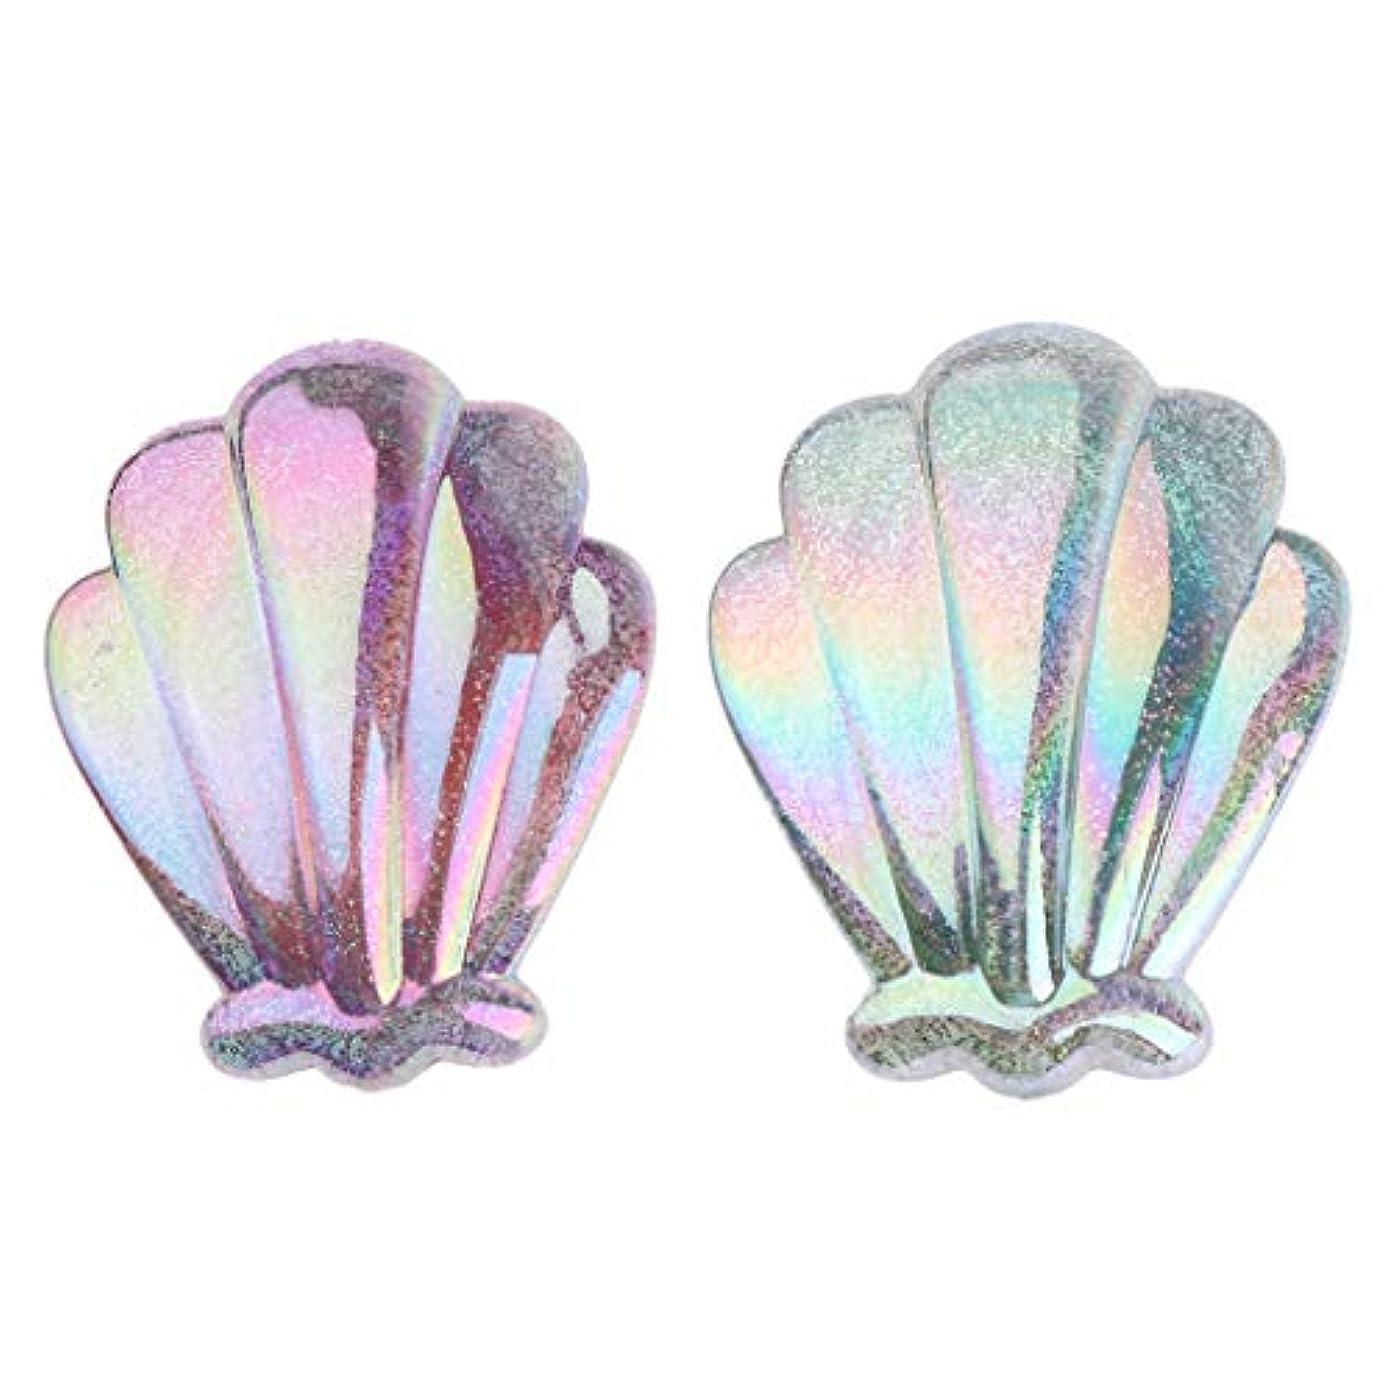 矛盾するアーサーコナンドイルインセンティブB Blesiya ヘアコーム プラスチック製 櫛 女性用 ヘアブラシ コーム 櫛